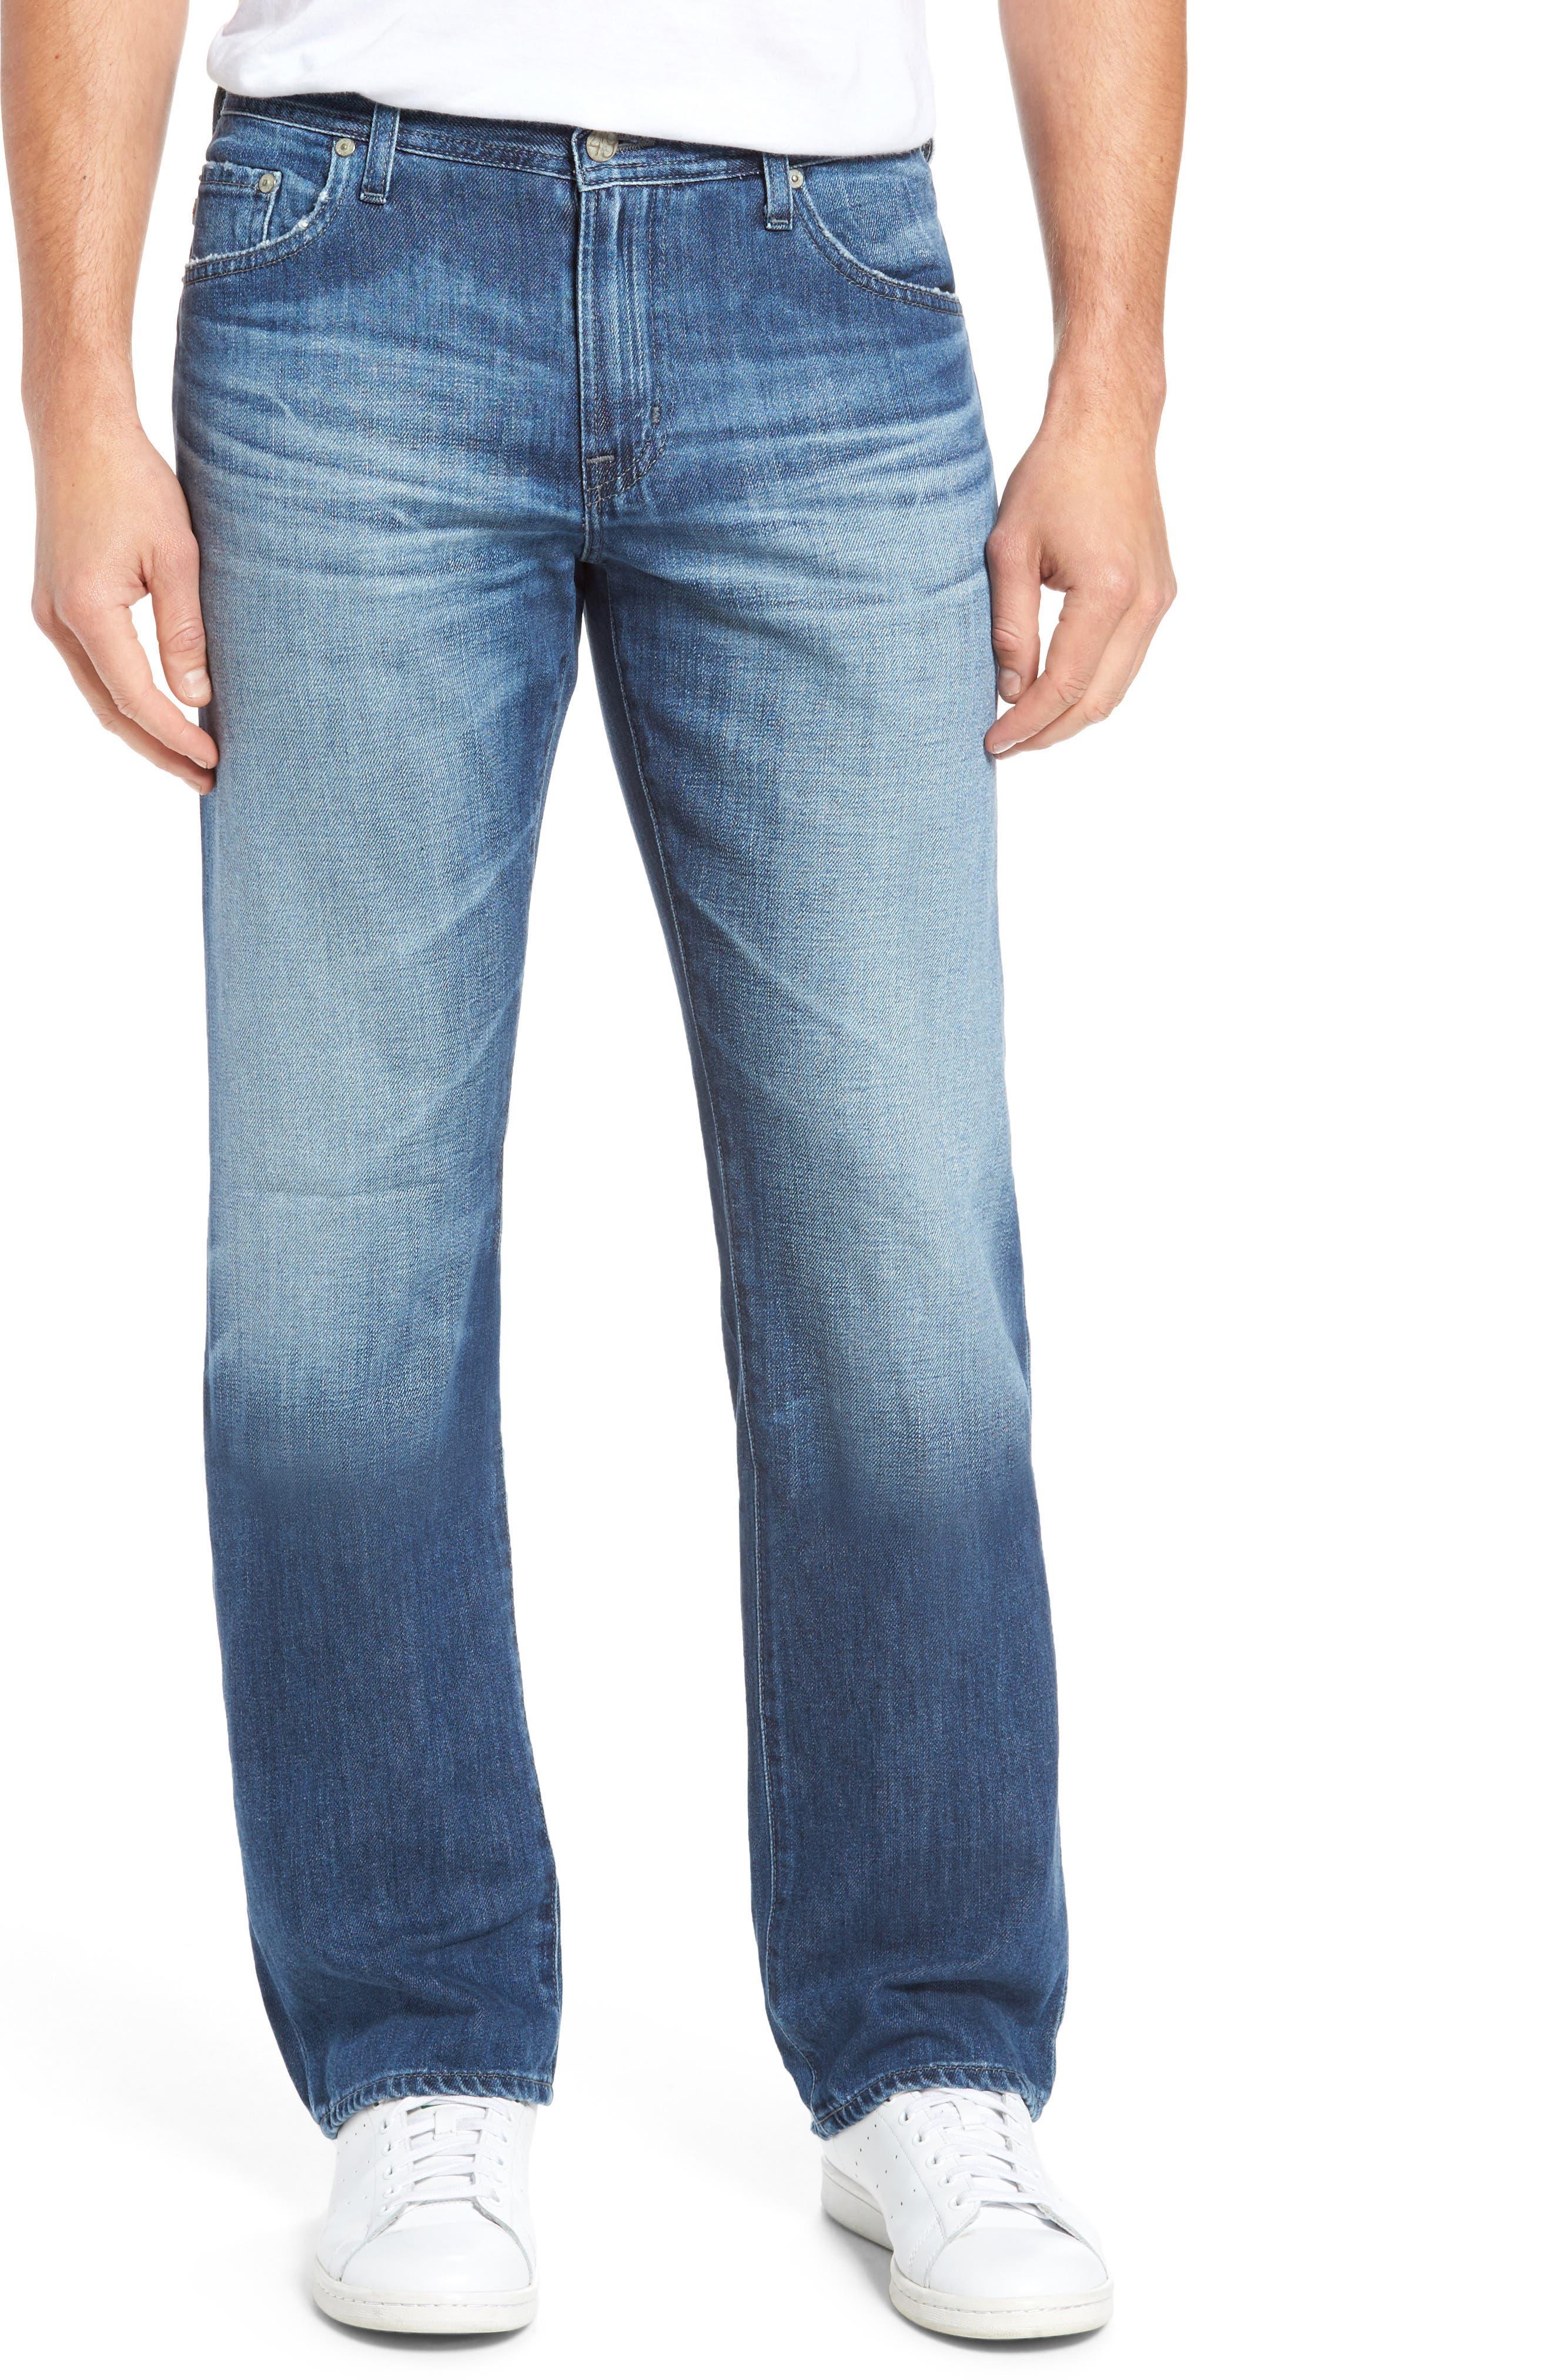 Protégé Relaxed Fit Jeans,                             Main thumbnail 1, color,                             472